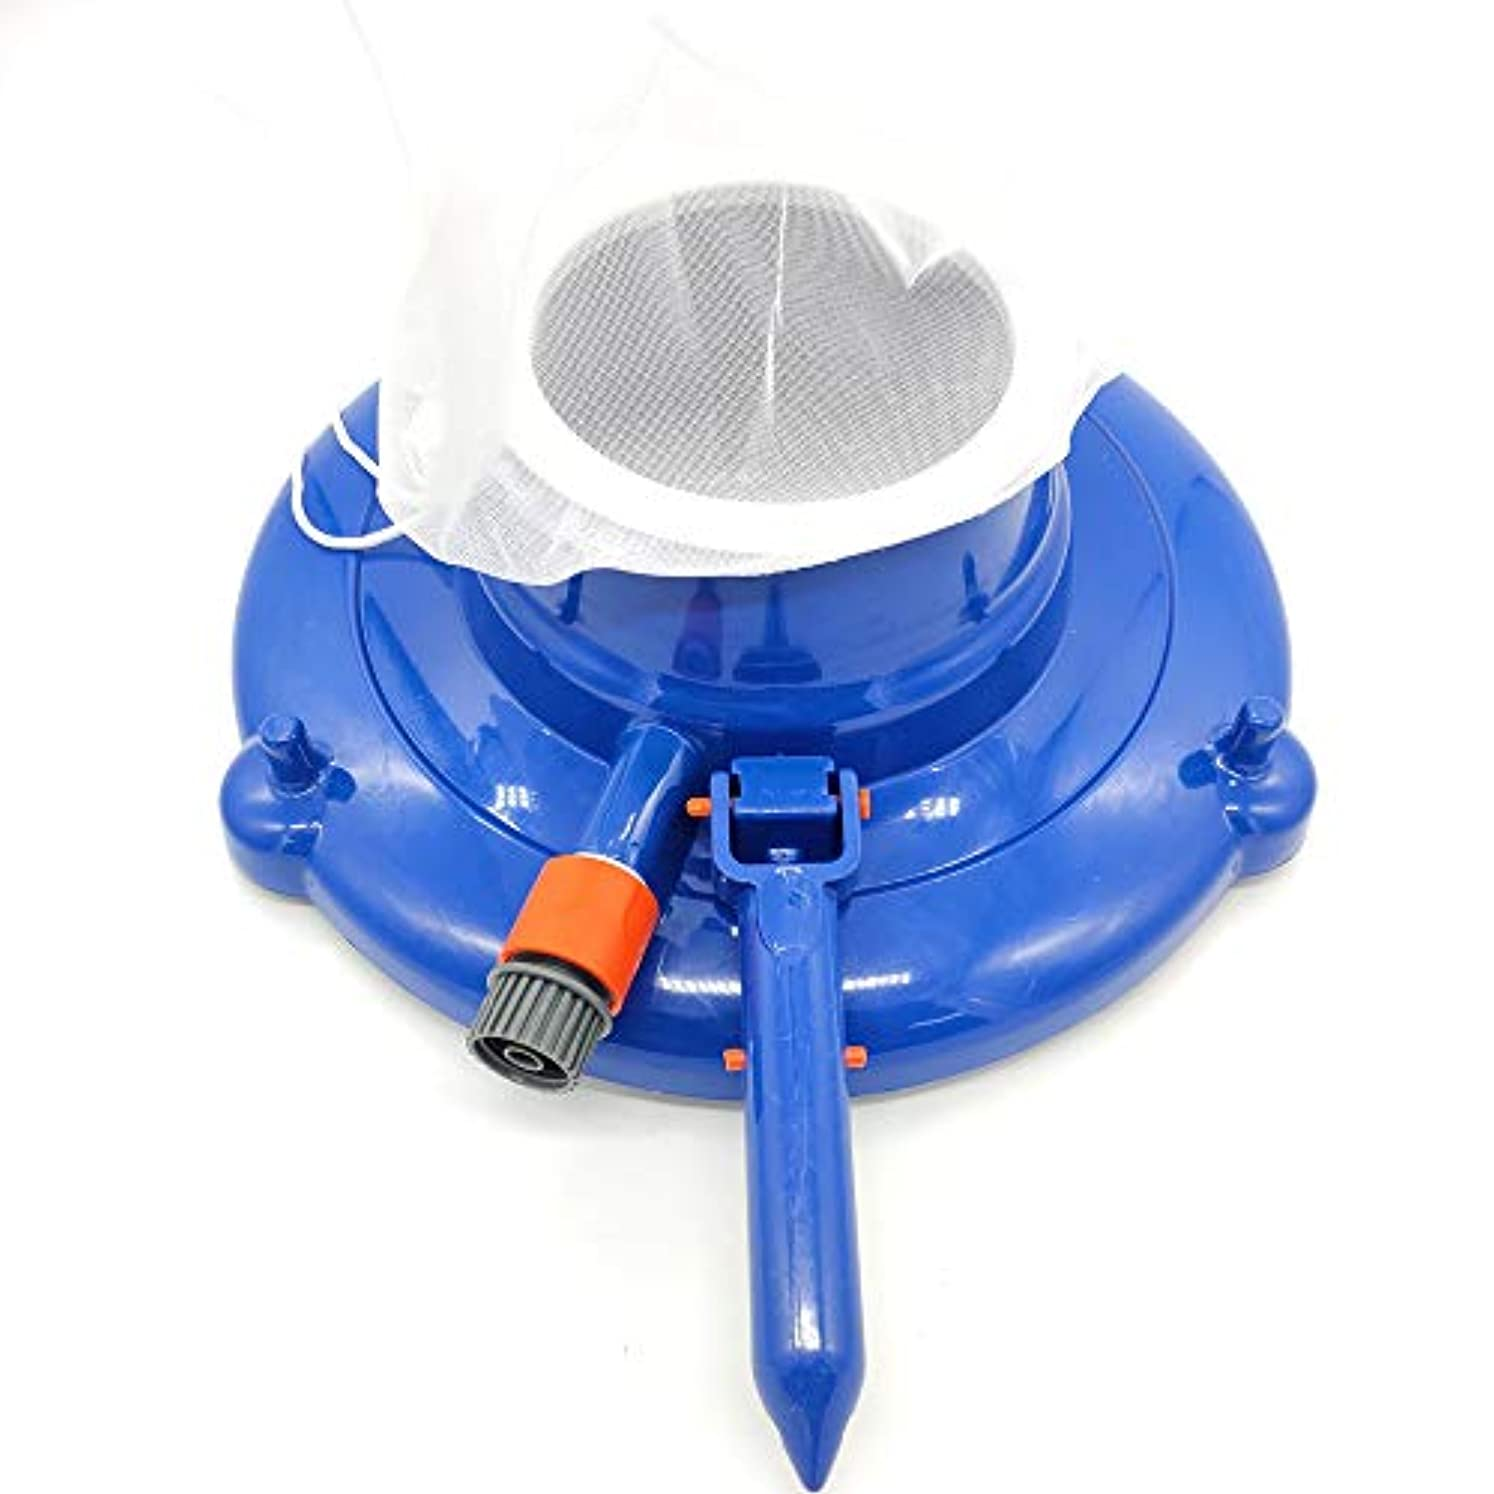 同等のアーティキュレーション評論家Benkeg プールクリーニングツールミニプール掃除機浮遊物プールサクションヘッドクリーニングネットキット